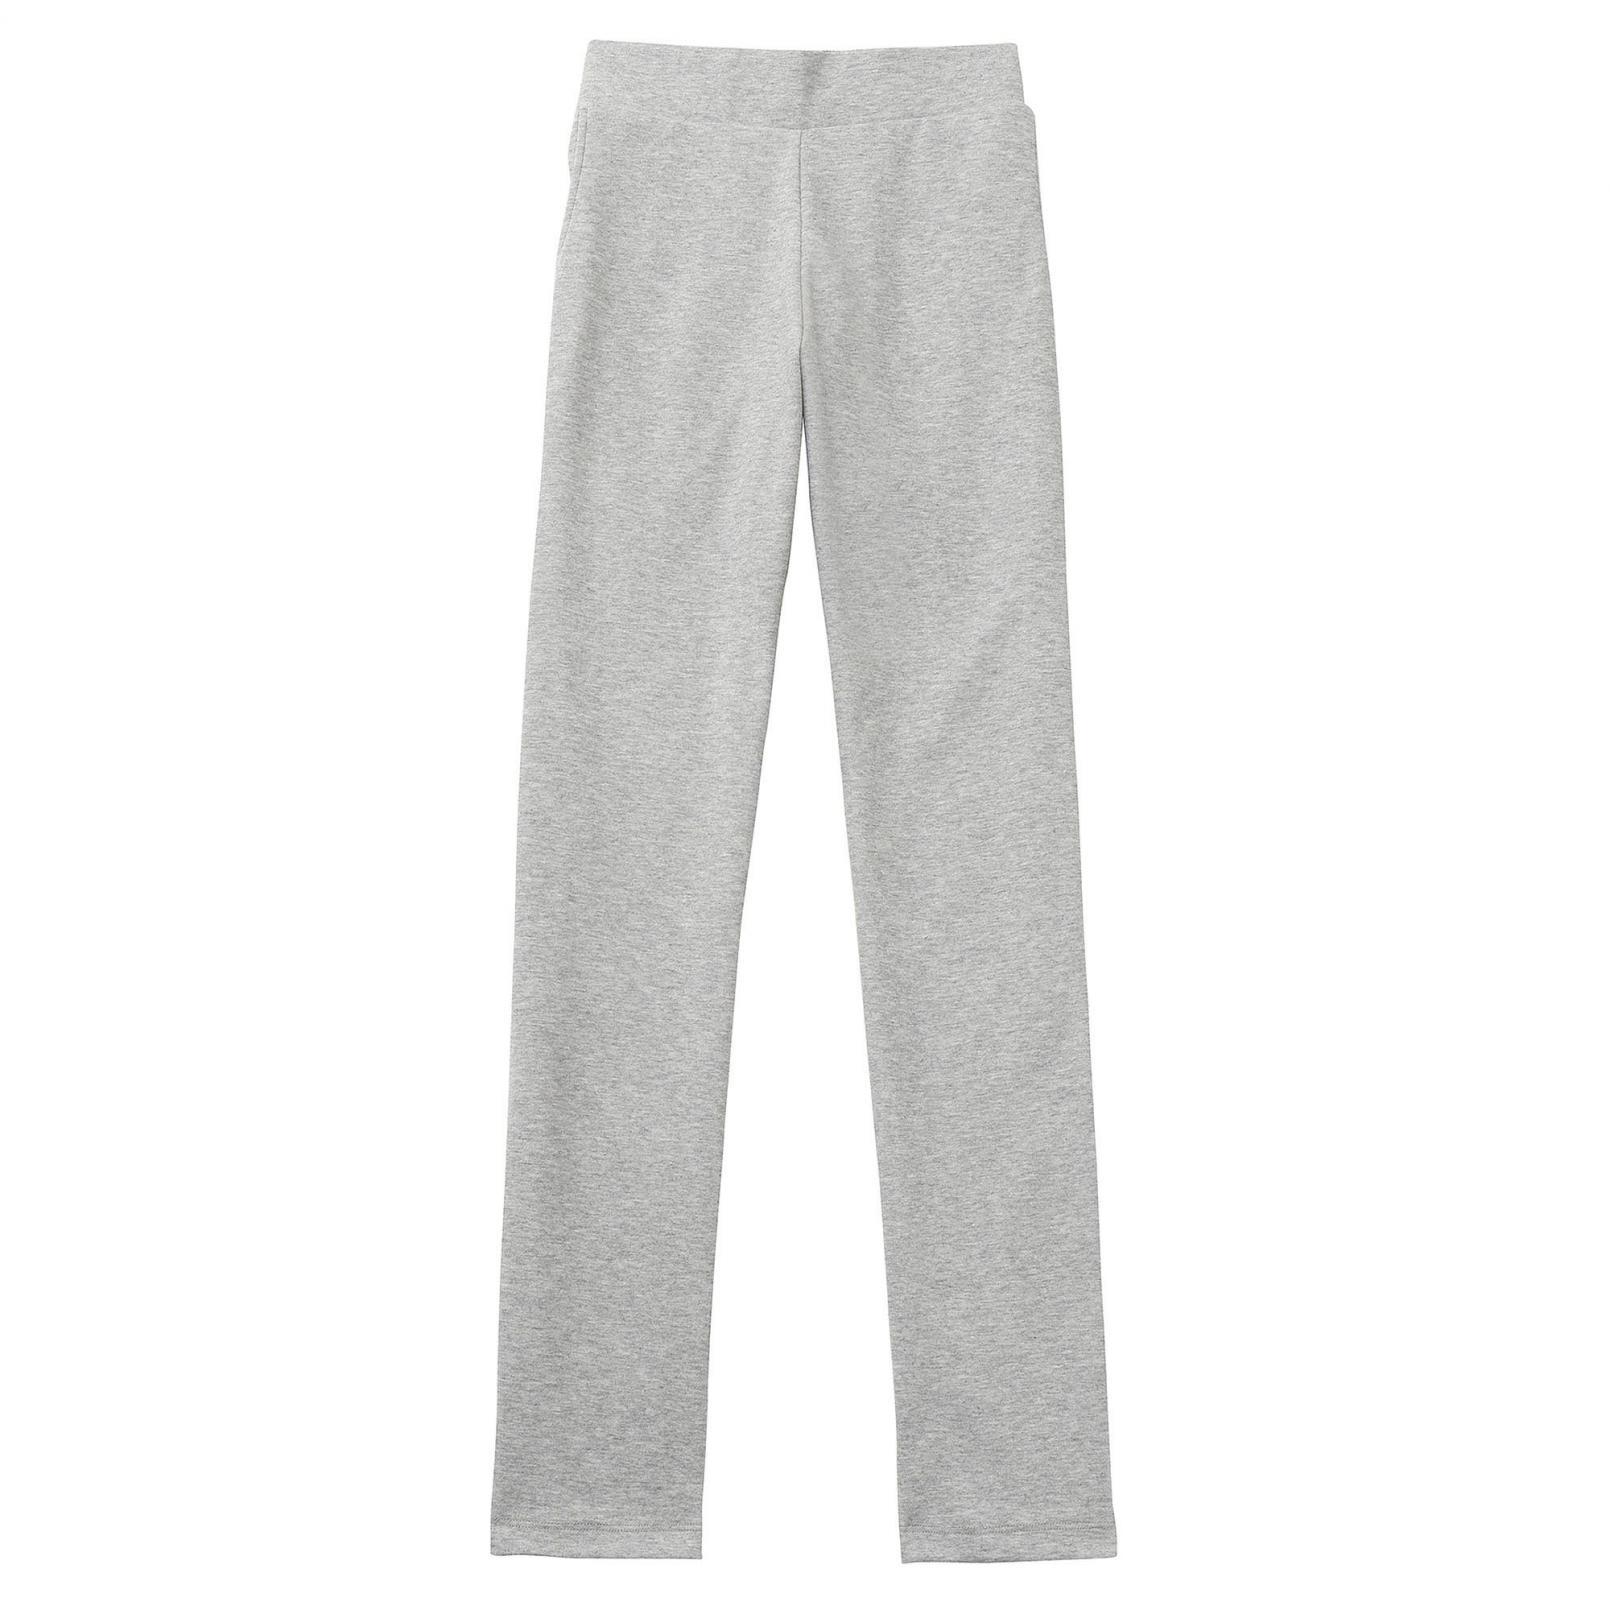 Pants – Le Coq Sportif Essentiels Pant Grey